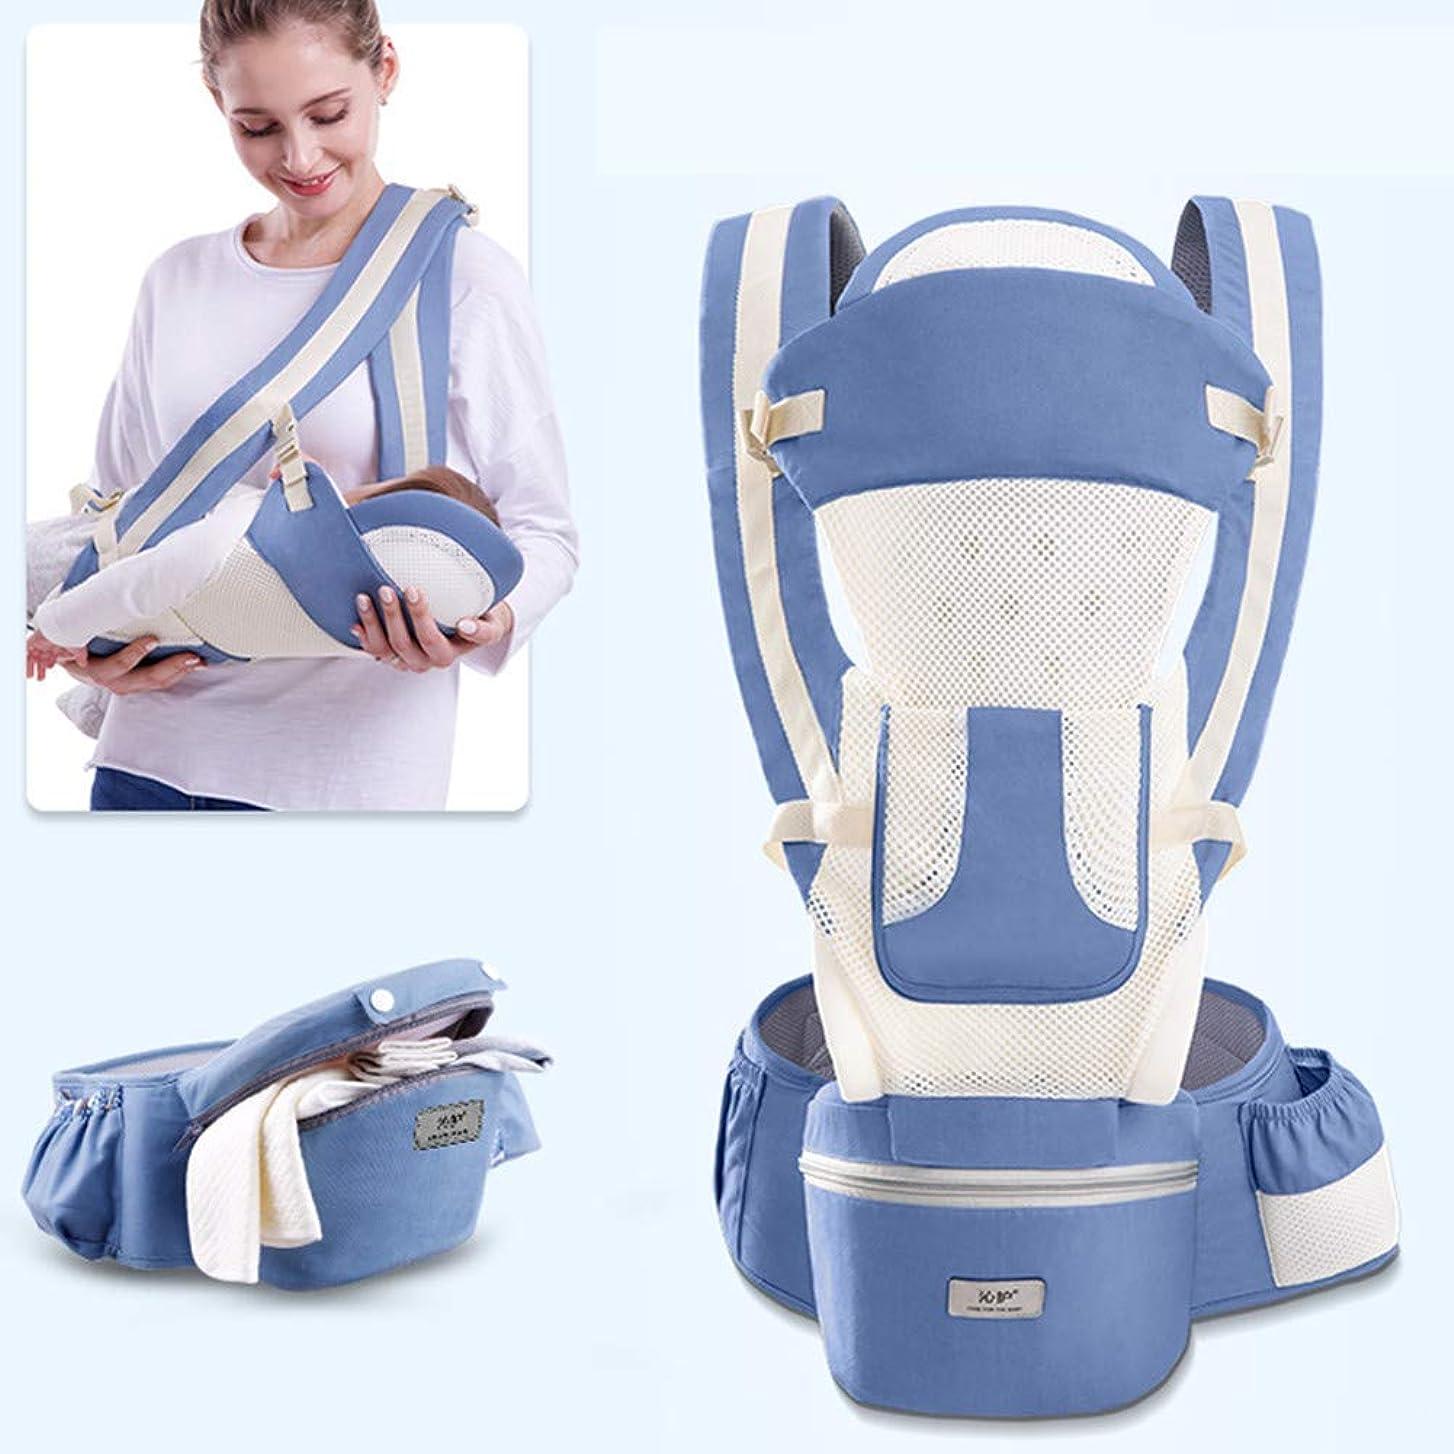 非常にメダリスト治すポータブル幼児ヒップシート、ユニセックス人間工学に基づいたベビーキャリアおくるみラップ、幼児用または新生児用調整可能な軽量安全通気性ベビースリング